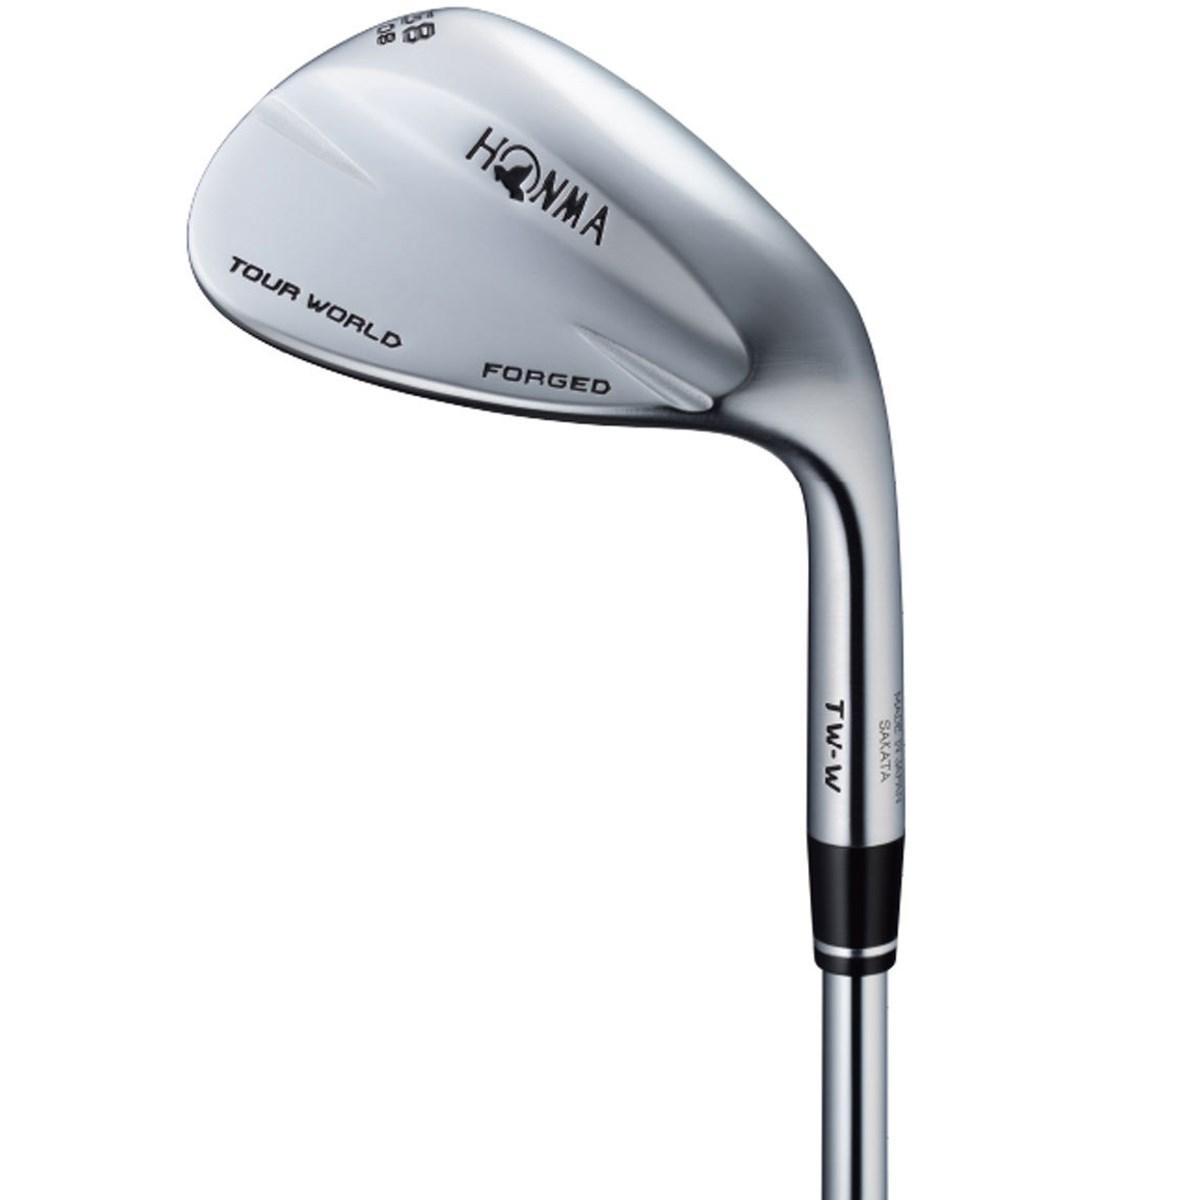 本間ゴルフ(HONMA GOLF) TW-Wウェッジ ダイナミックゴールド 2015年モデル